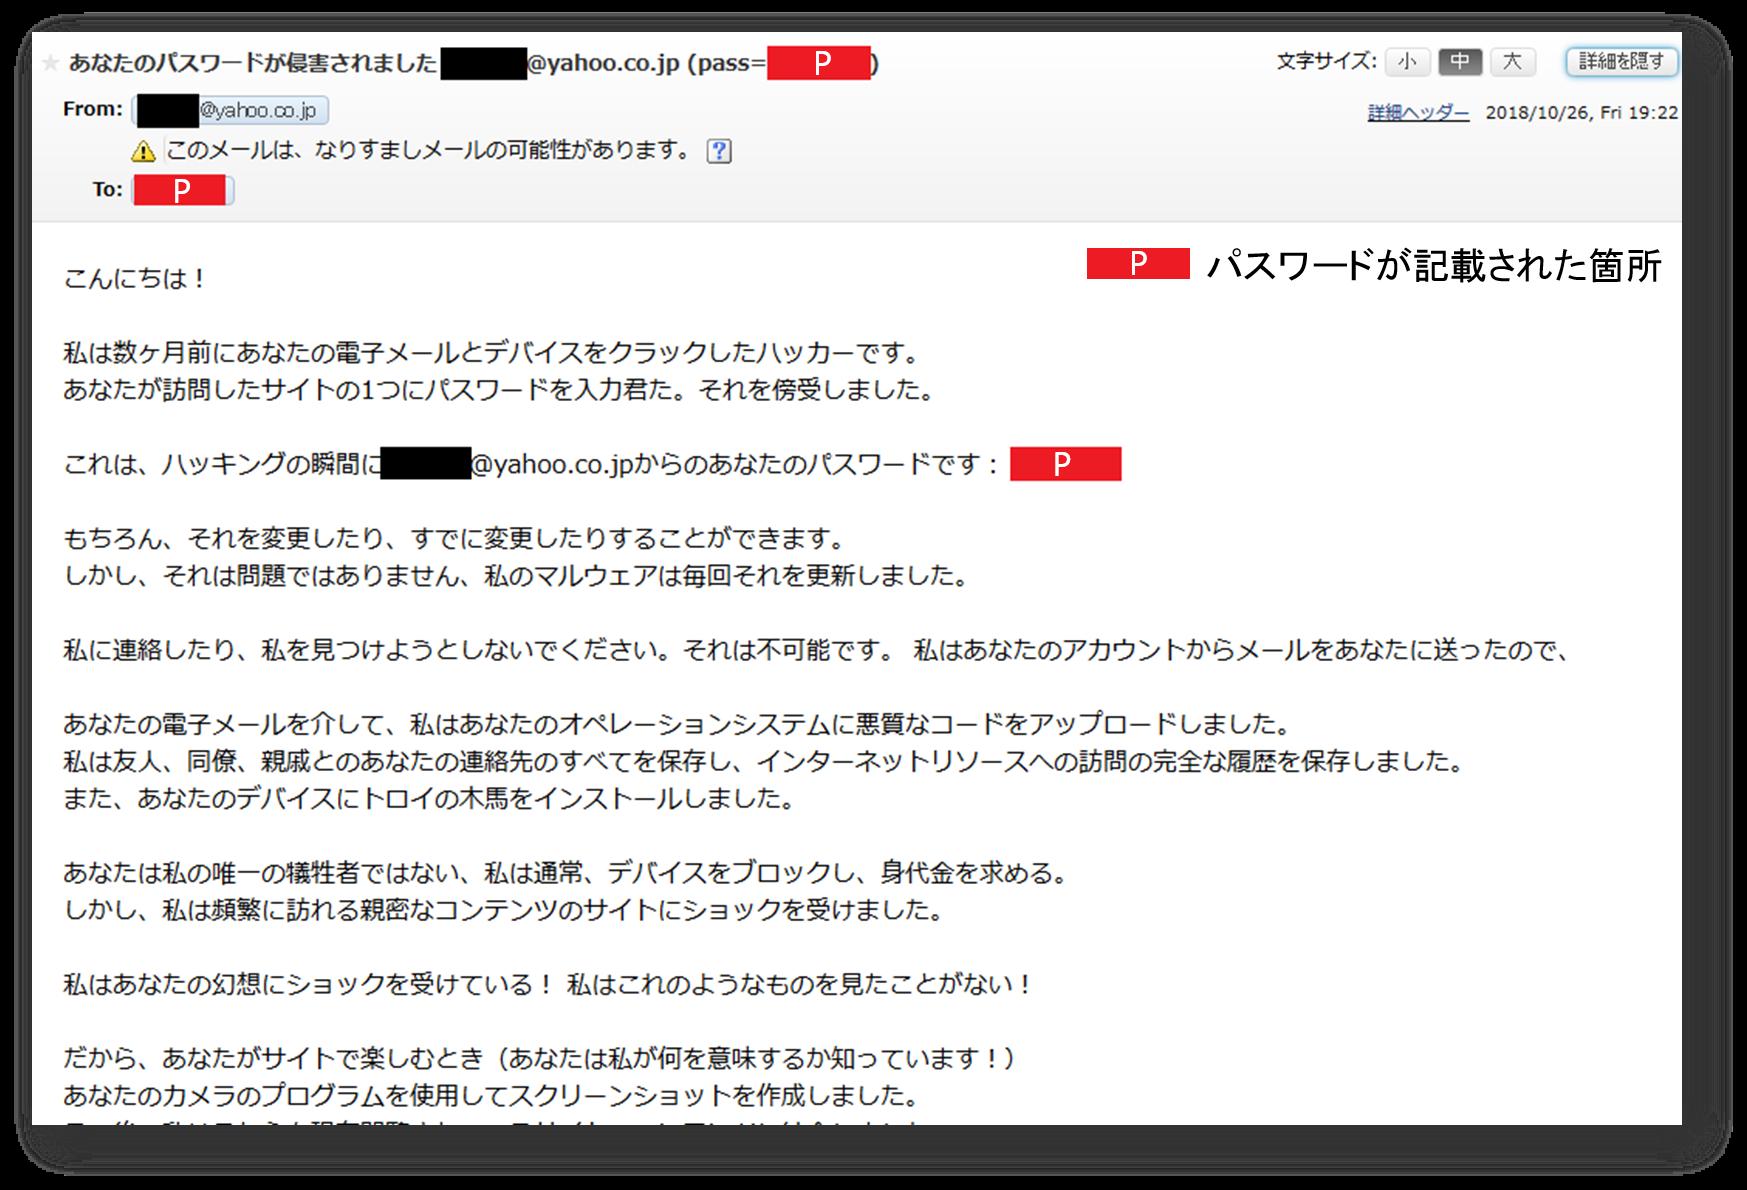 性的脅迫メールのメール文面の画像